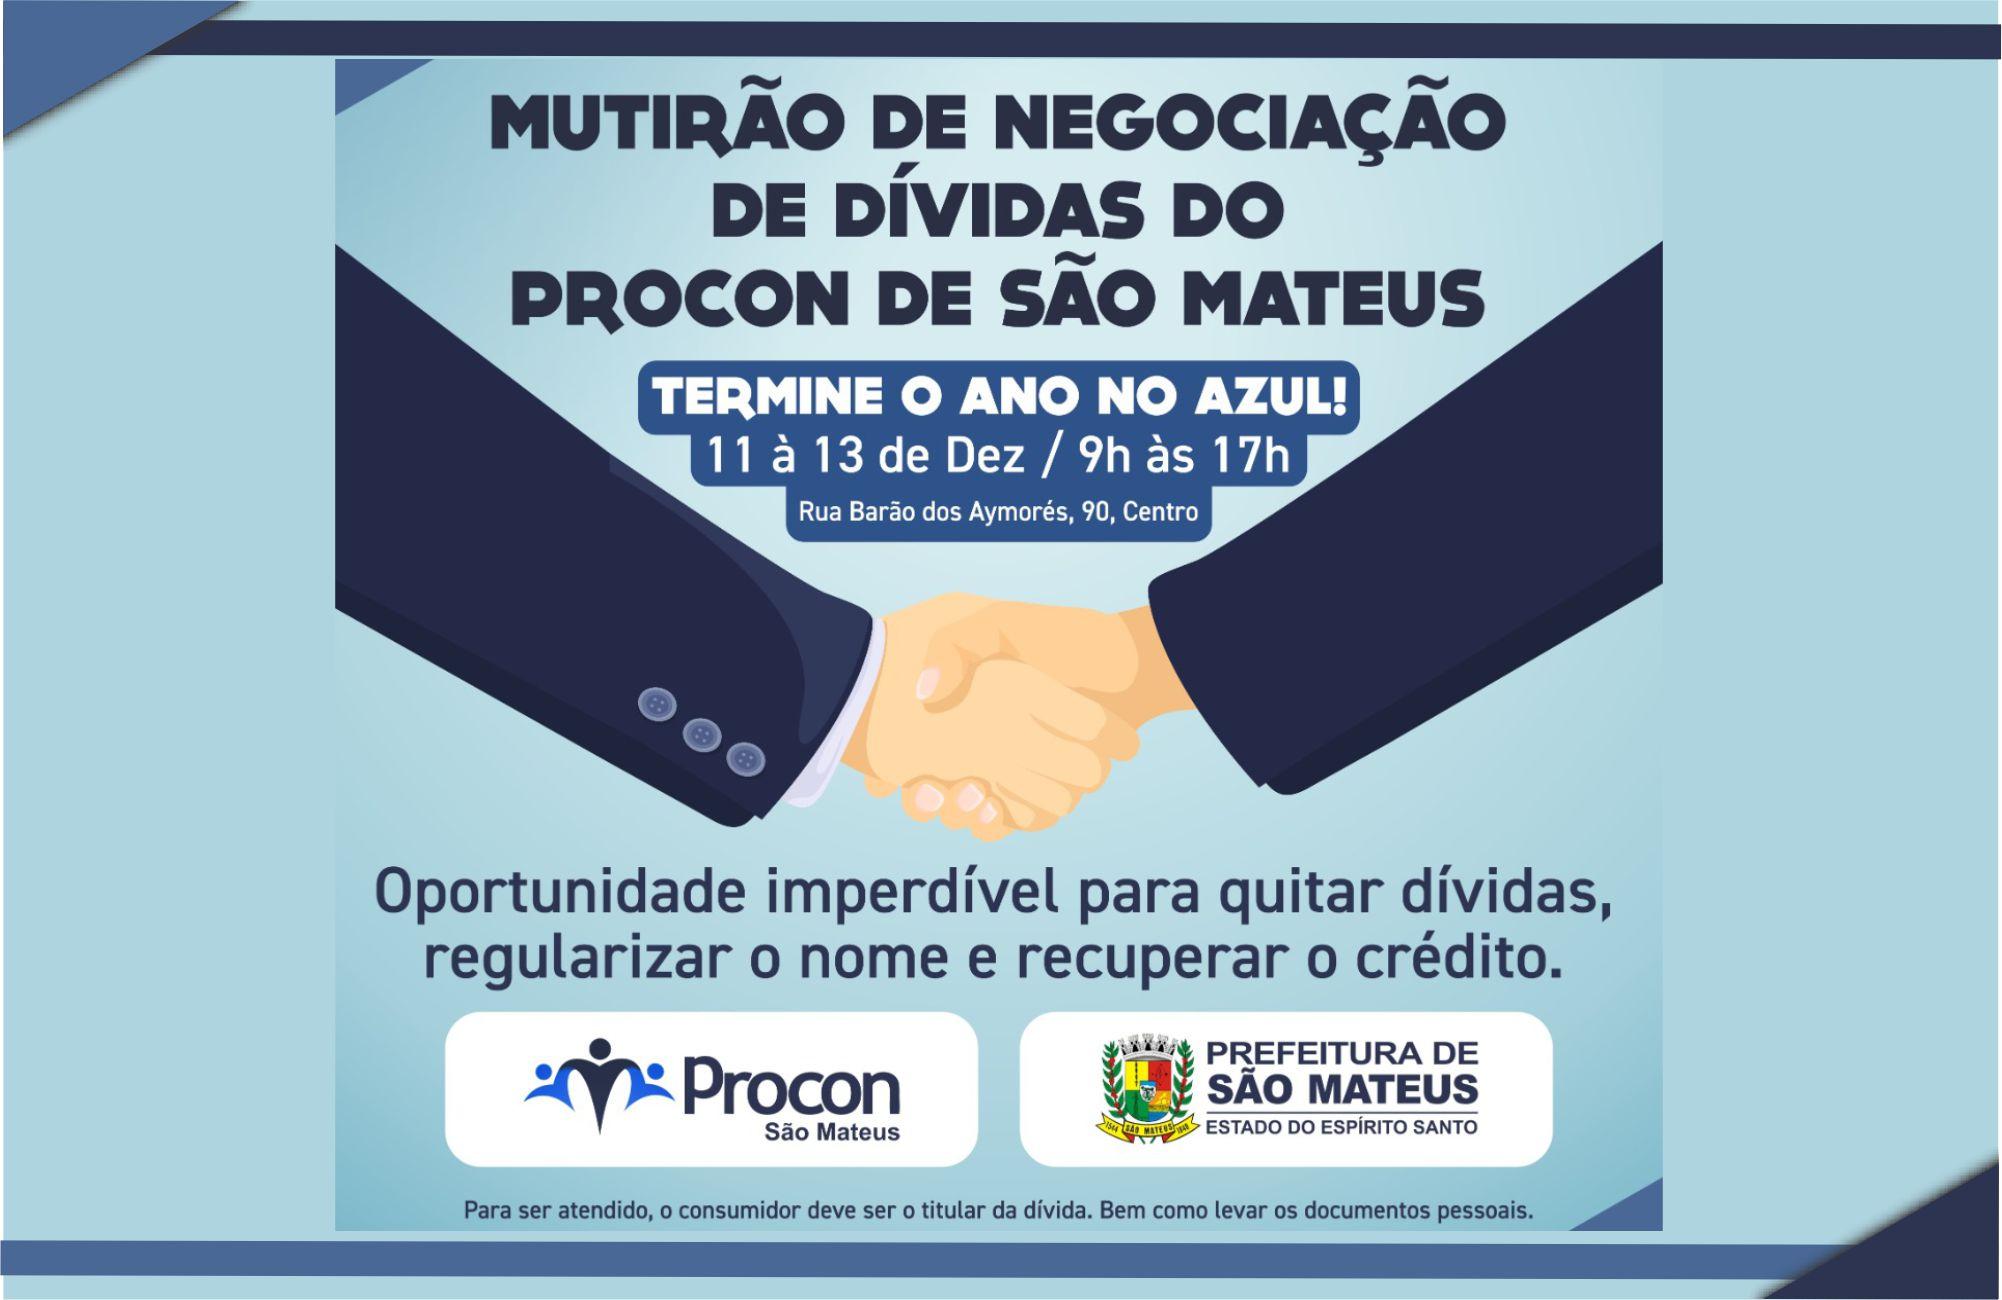 MUTIRÃO DE NEGOCIAÇÃO DE DÍVIDAS DO PROCON DE SÃO MATEUS TERÁ ATÉ 100% DE DESCONTO NOS JUROS